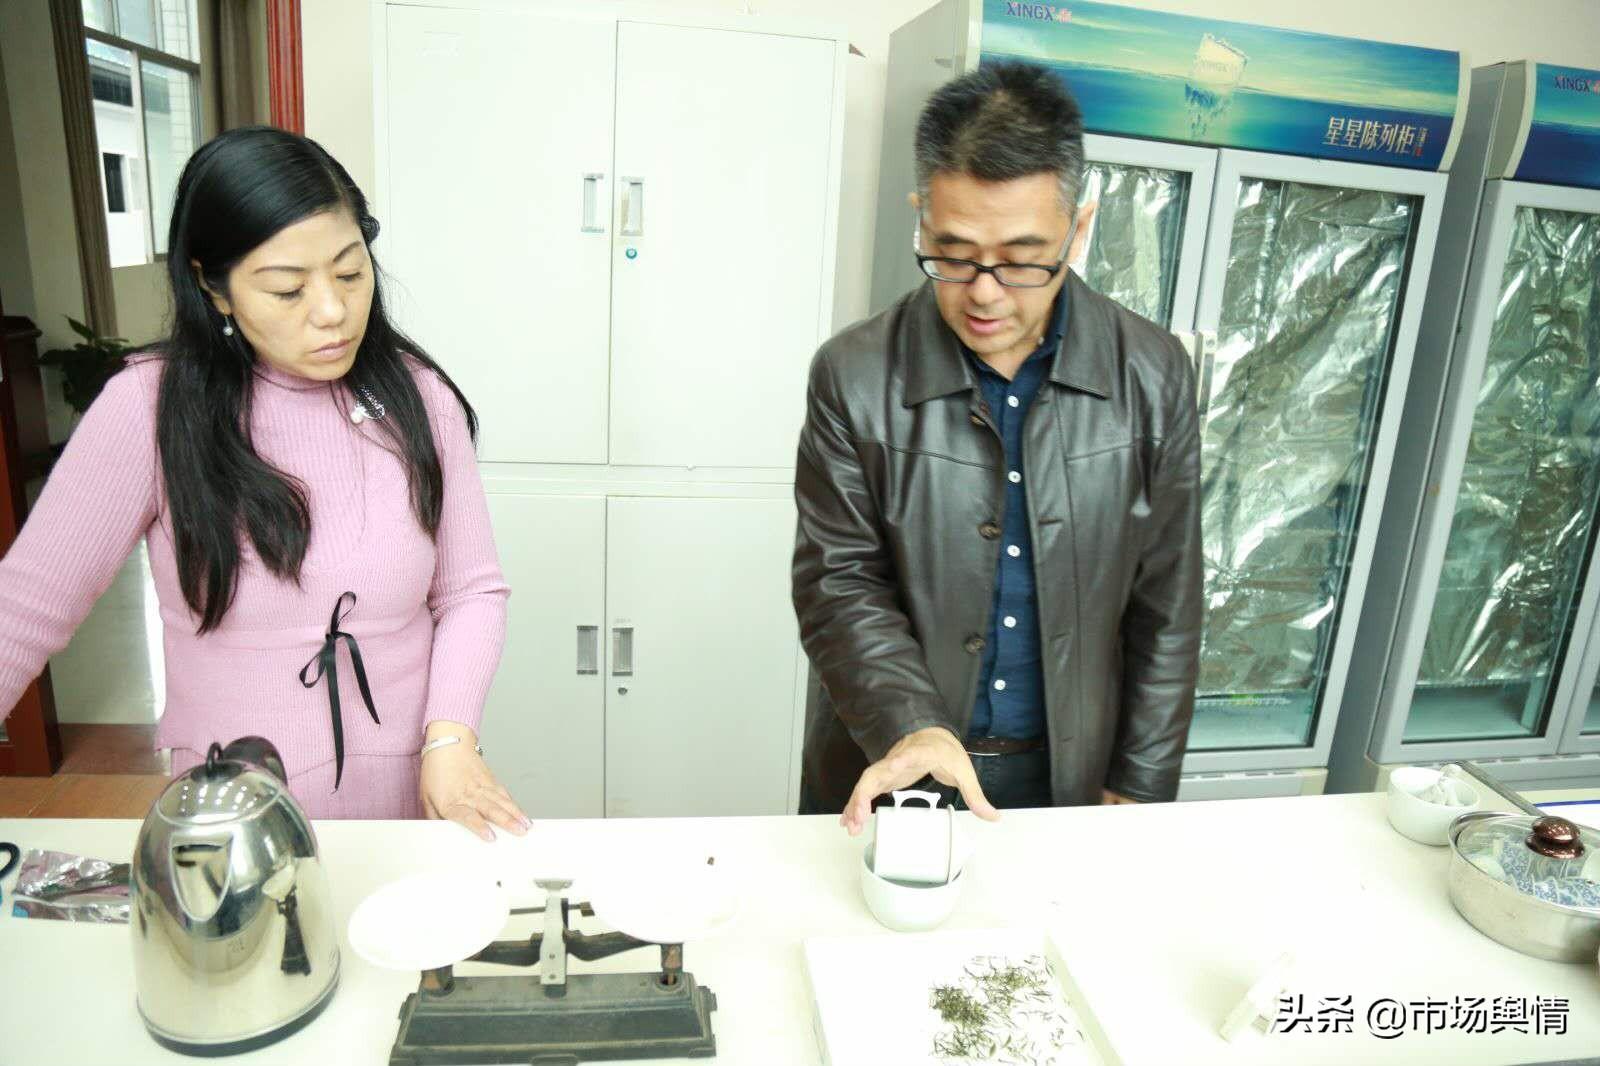 中国安全食品推广办工作组一行在重庆市农科院茶研所调研考察